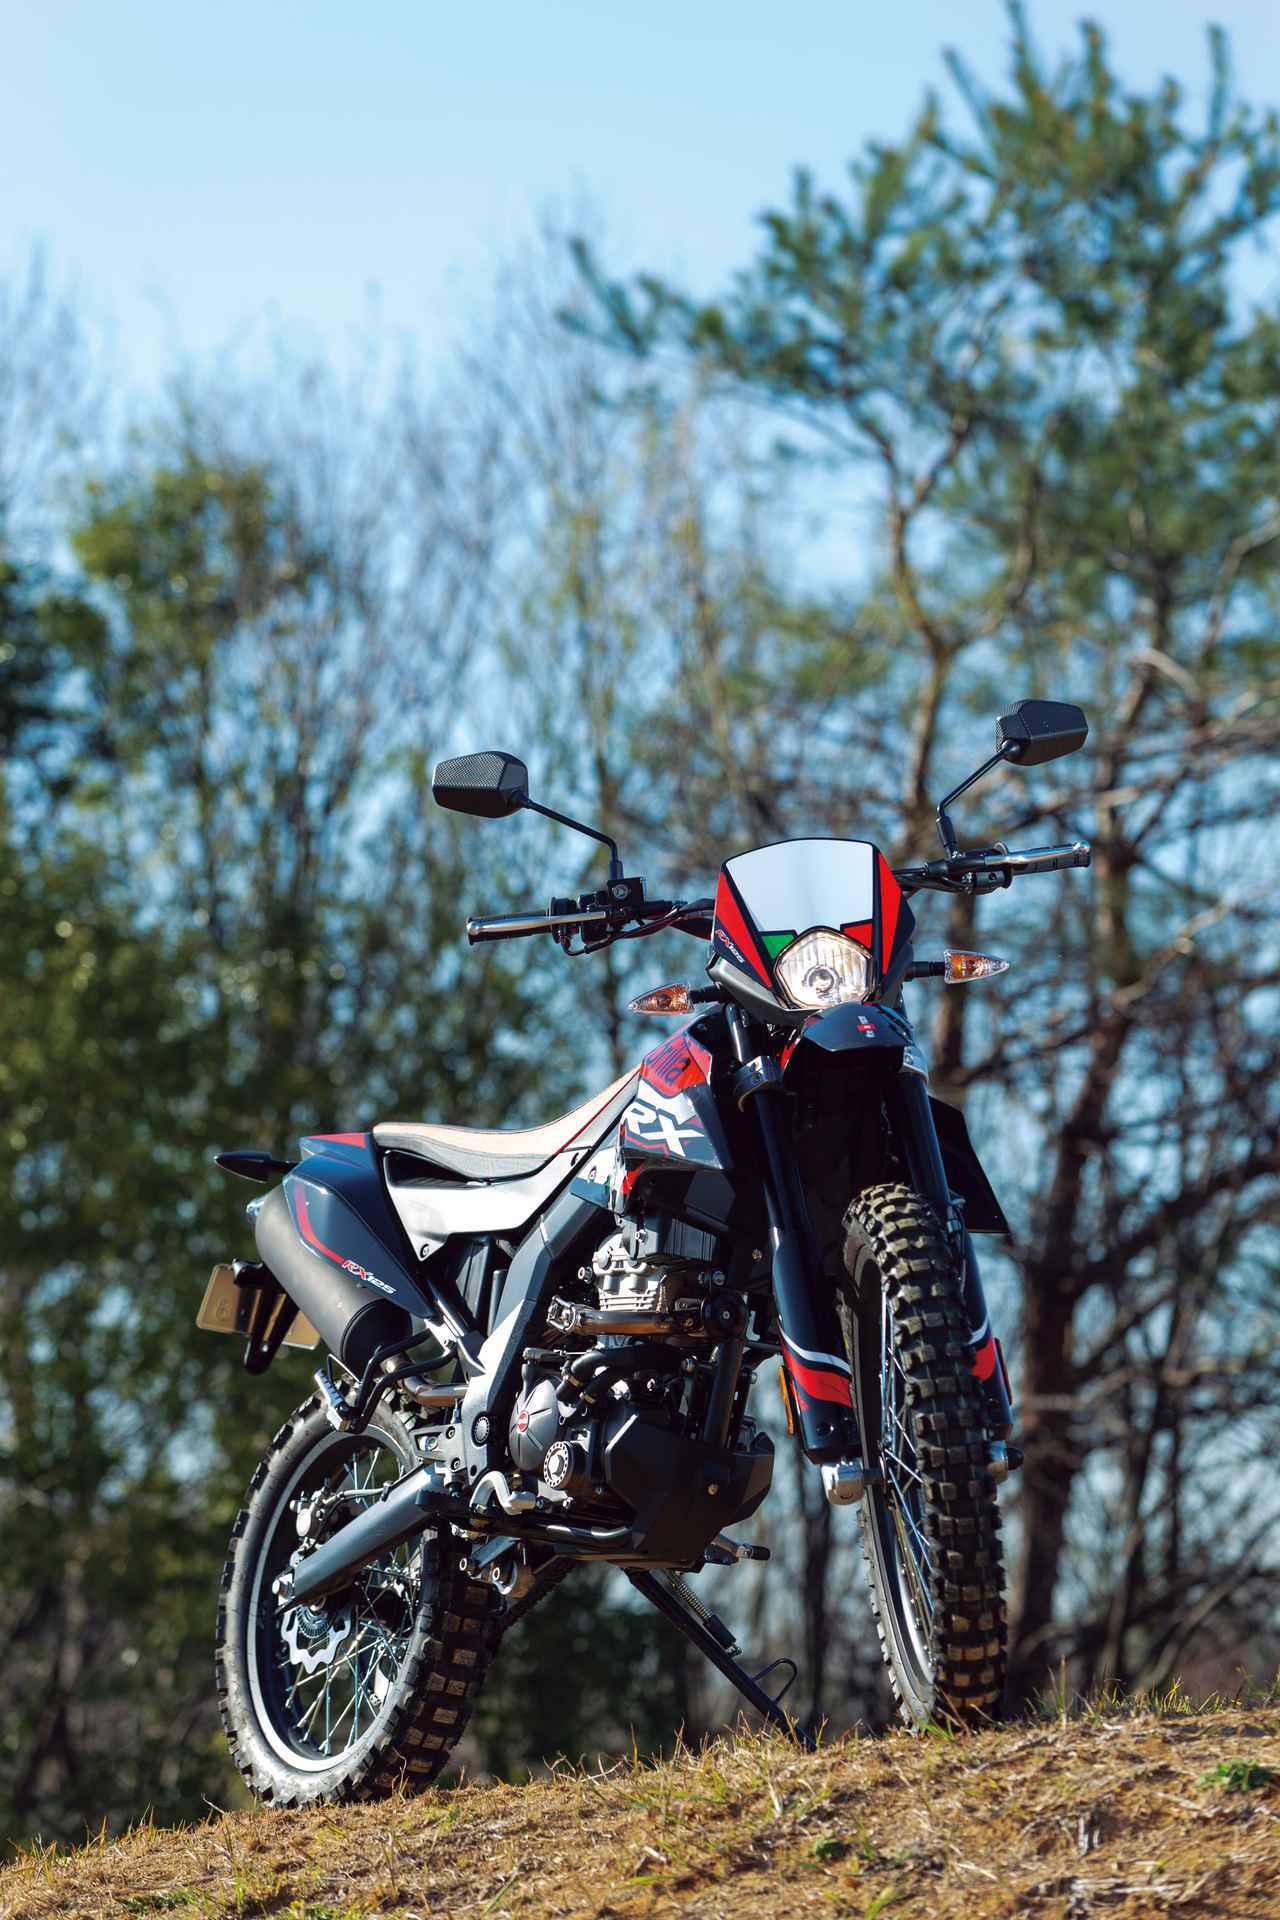 画像1: アプリリア「RX125」(2020年)解説&インプレッション 原付二種で本格的なオフロード走行を楽しめる希少なバイク